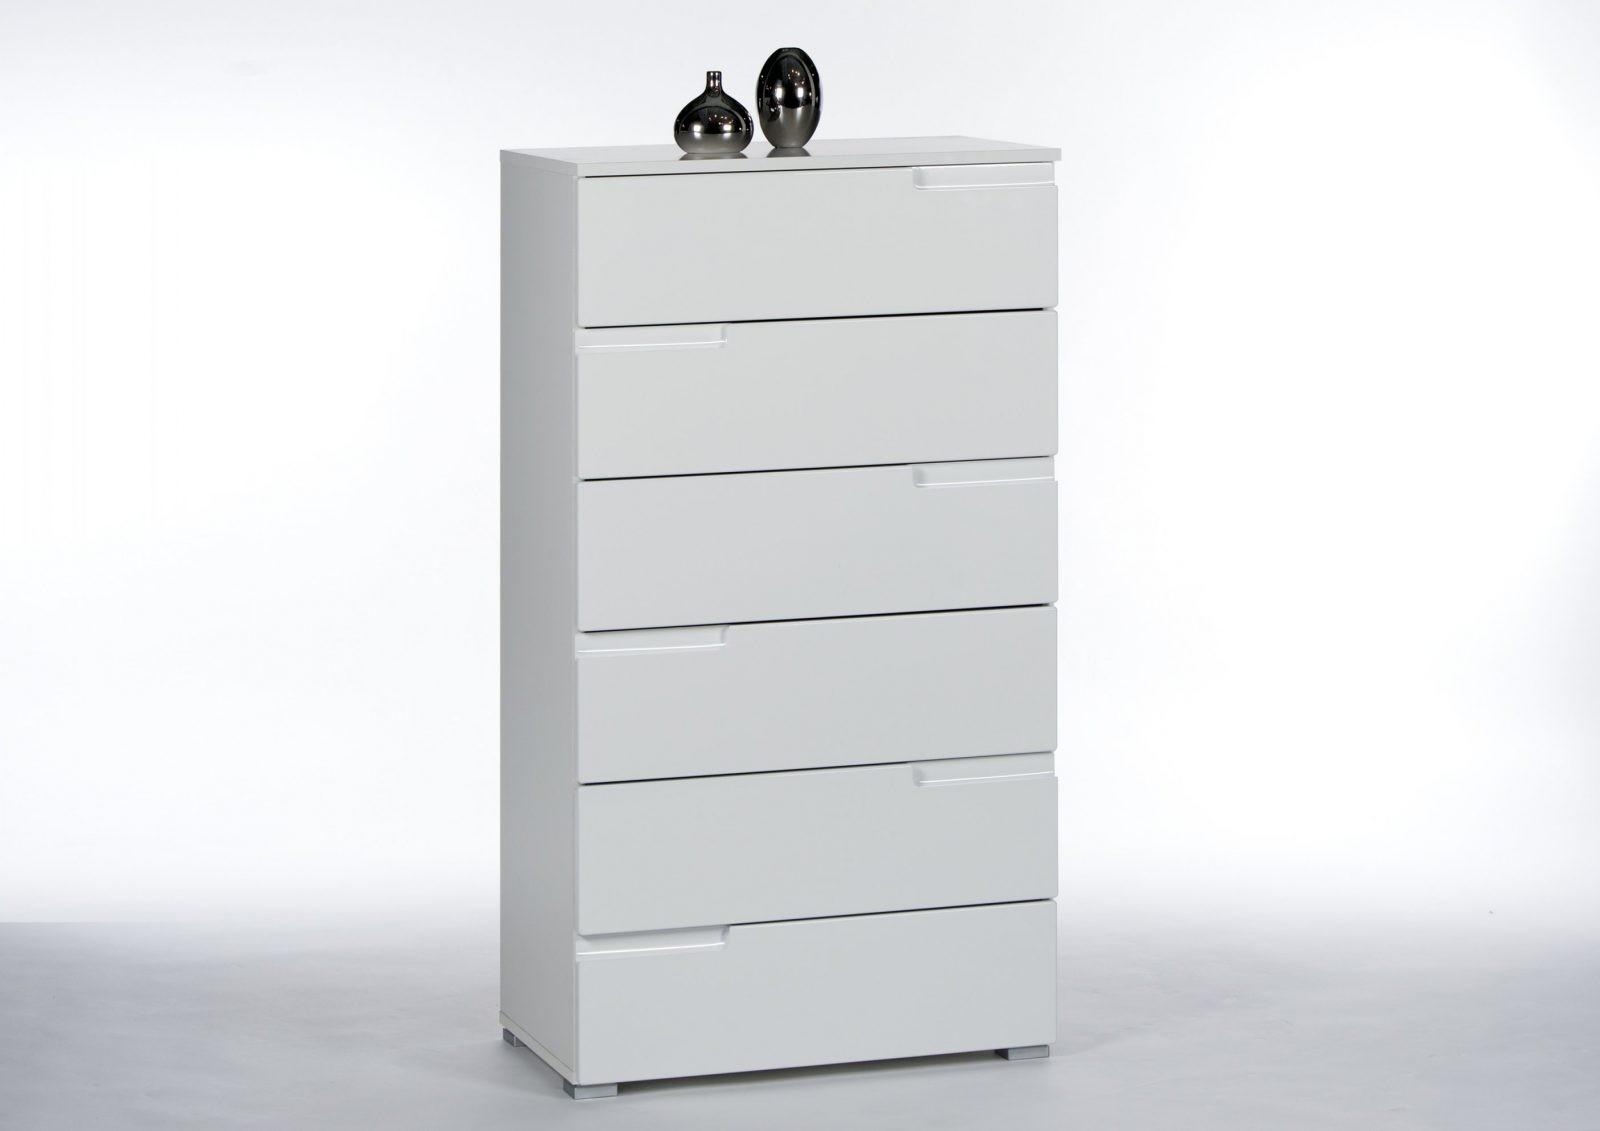 Schrank 30 Cm Tief 50 Cm Breit  Cabinetworlddesign von Kommode Tiefe 50 Cm Bild